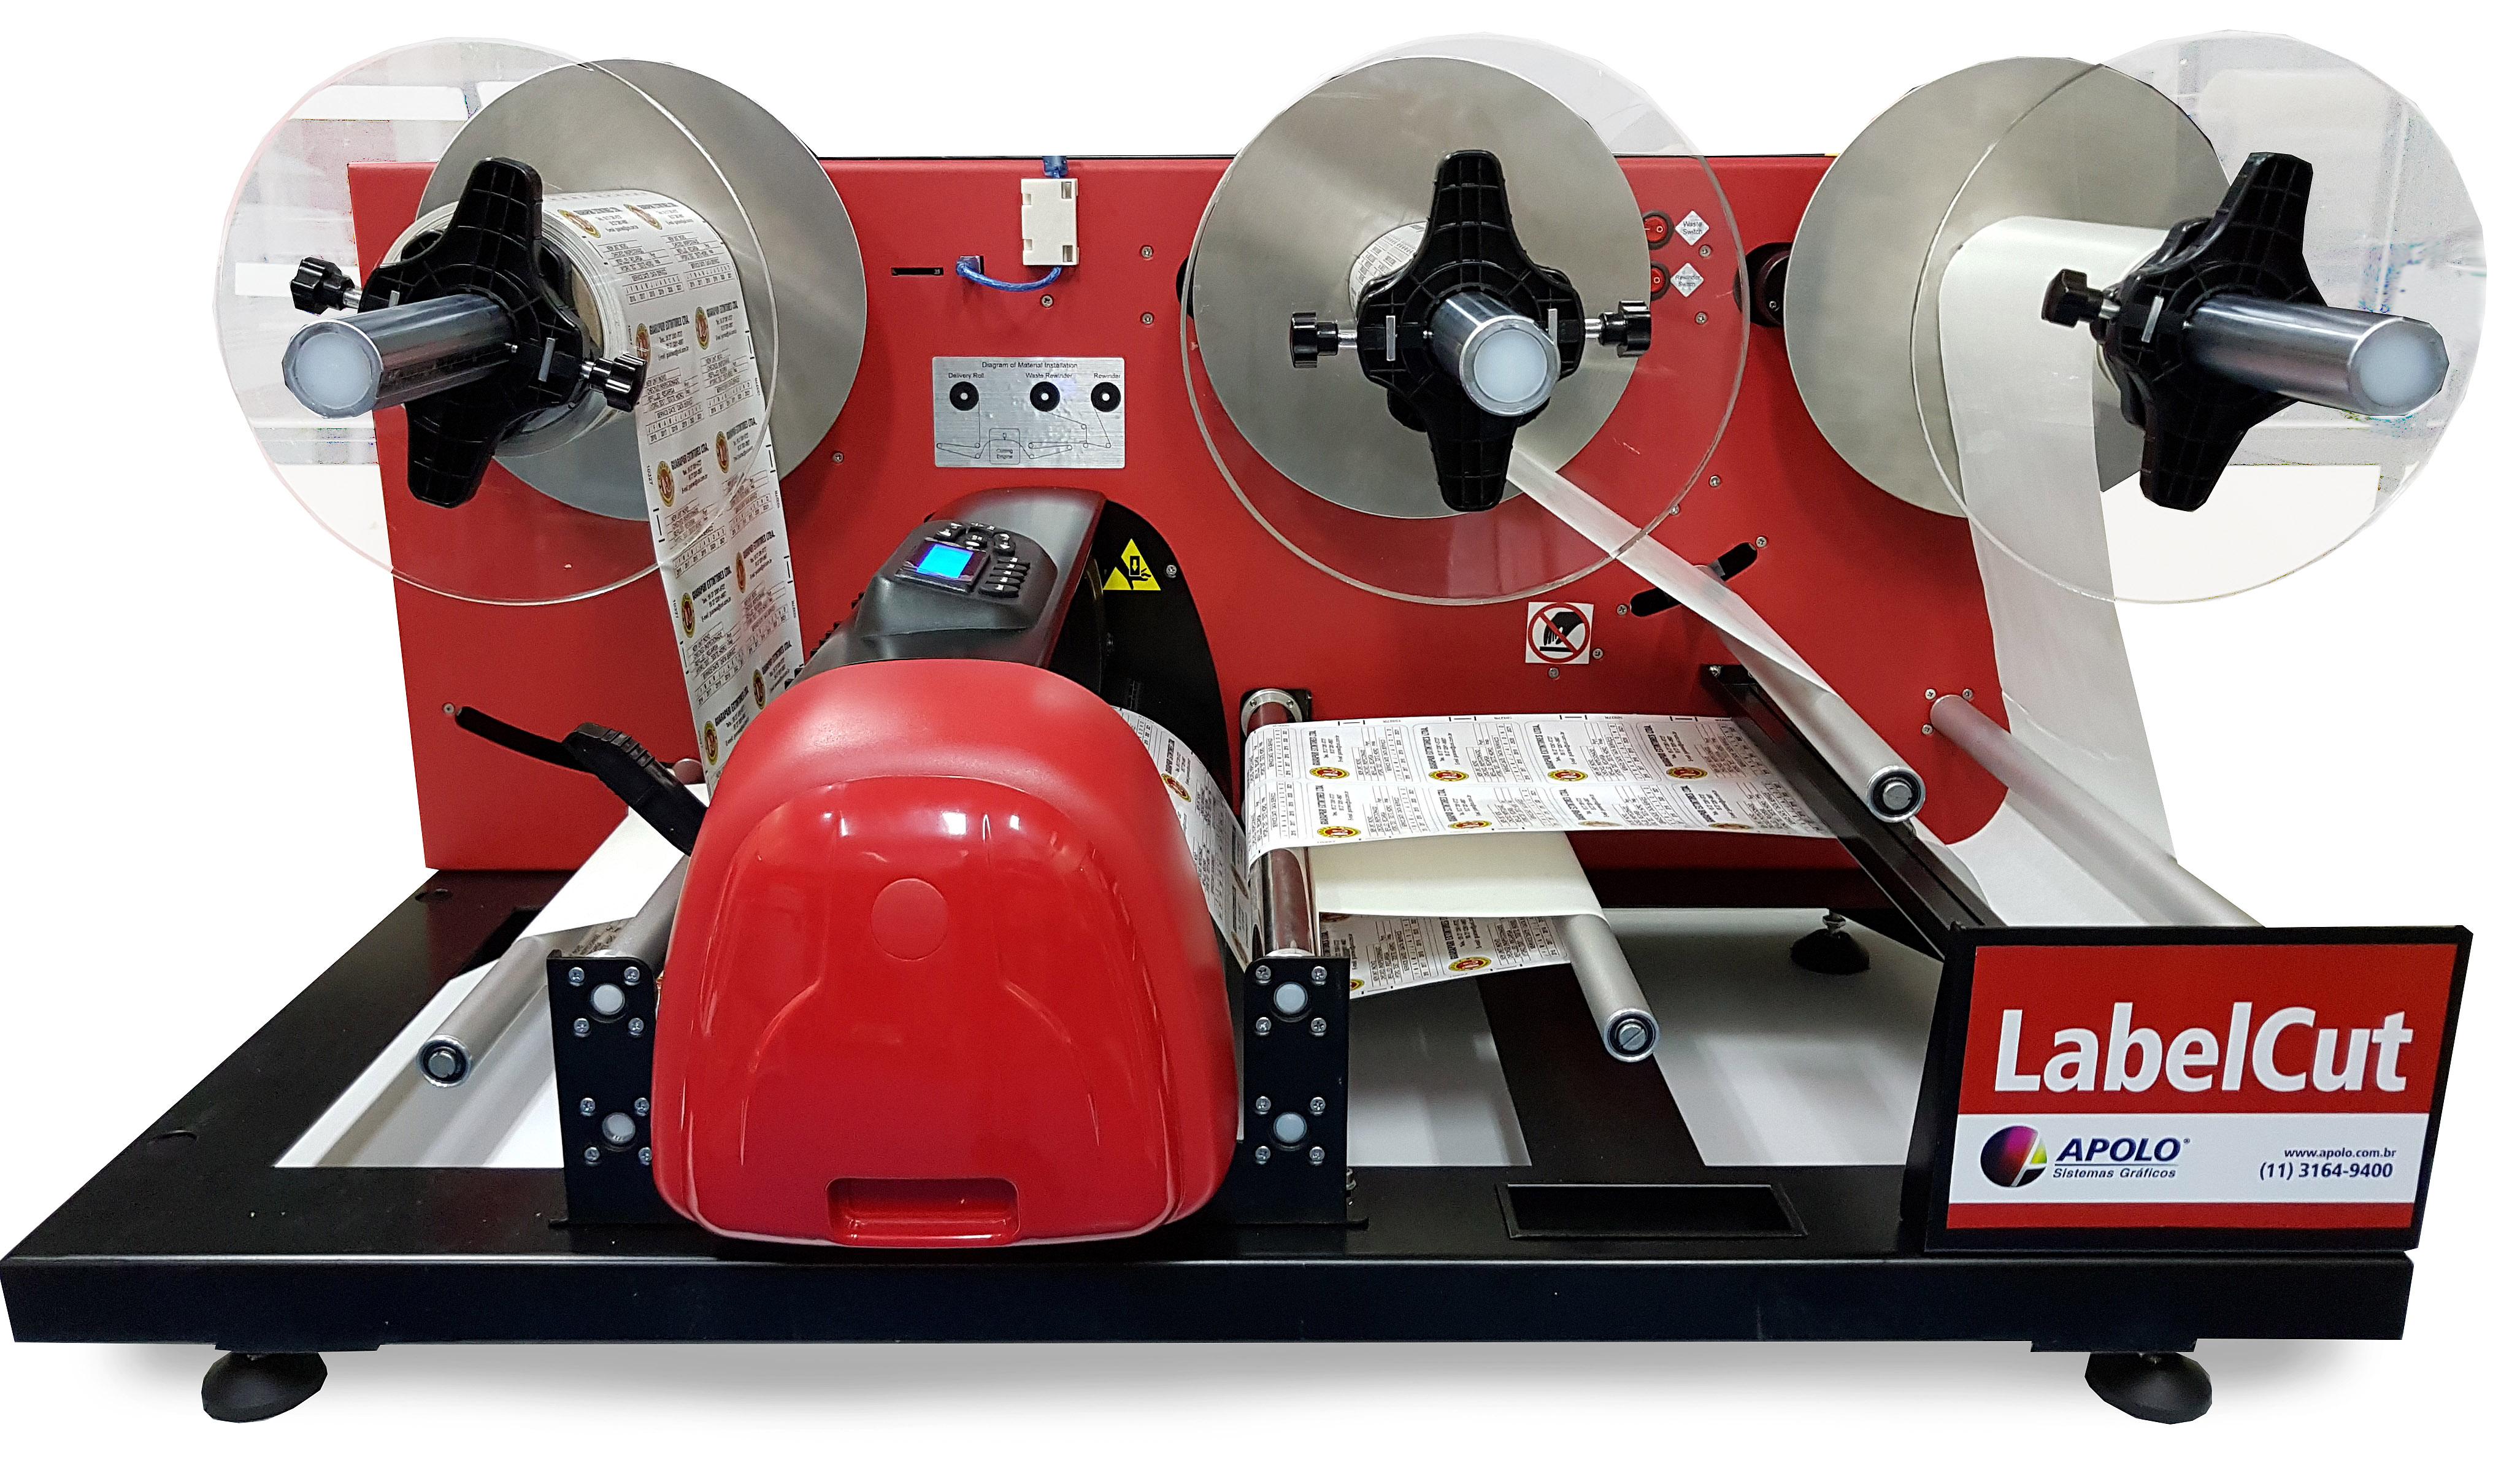 labelcut 340 - Sistema de Acabamento Digital para Rótulos e Etiquetas Autoadesivas - Finisher